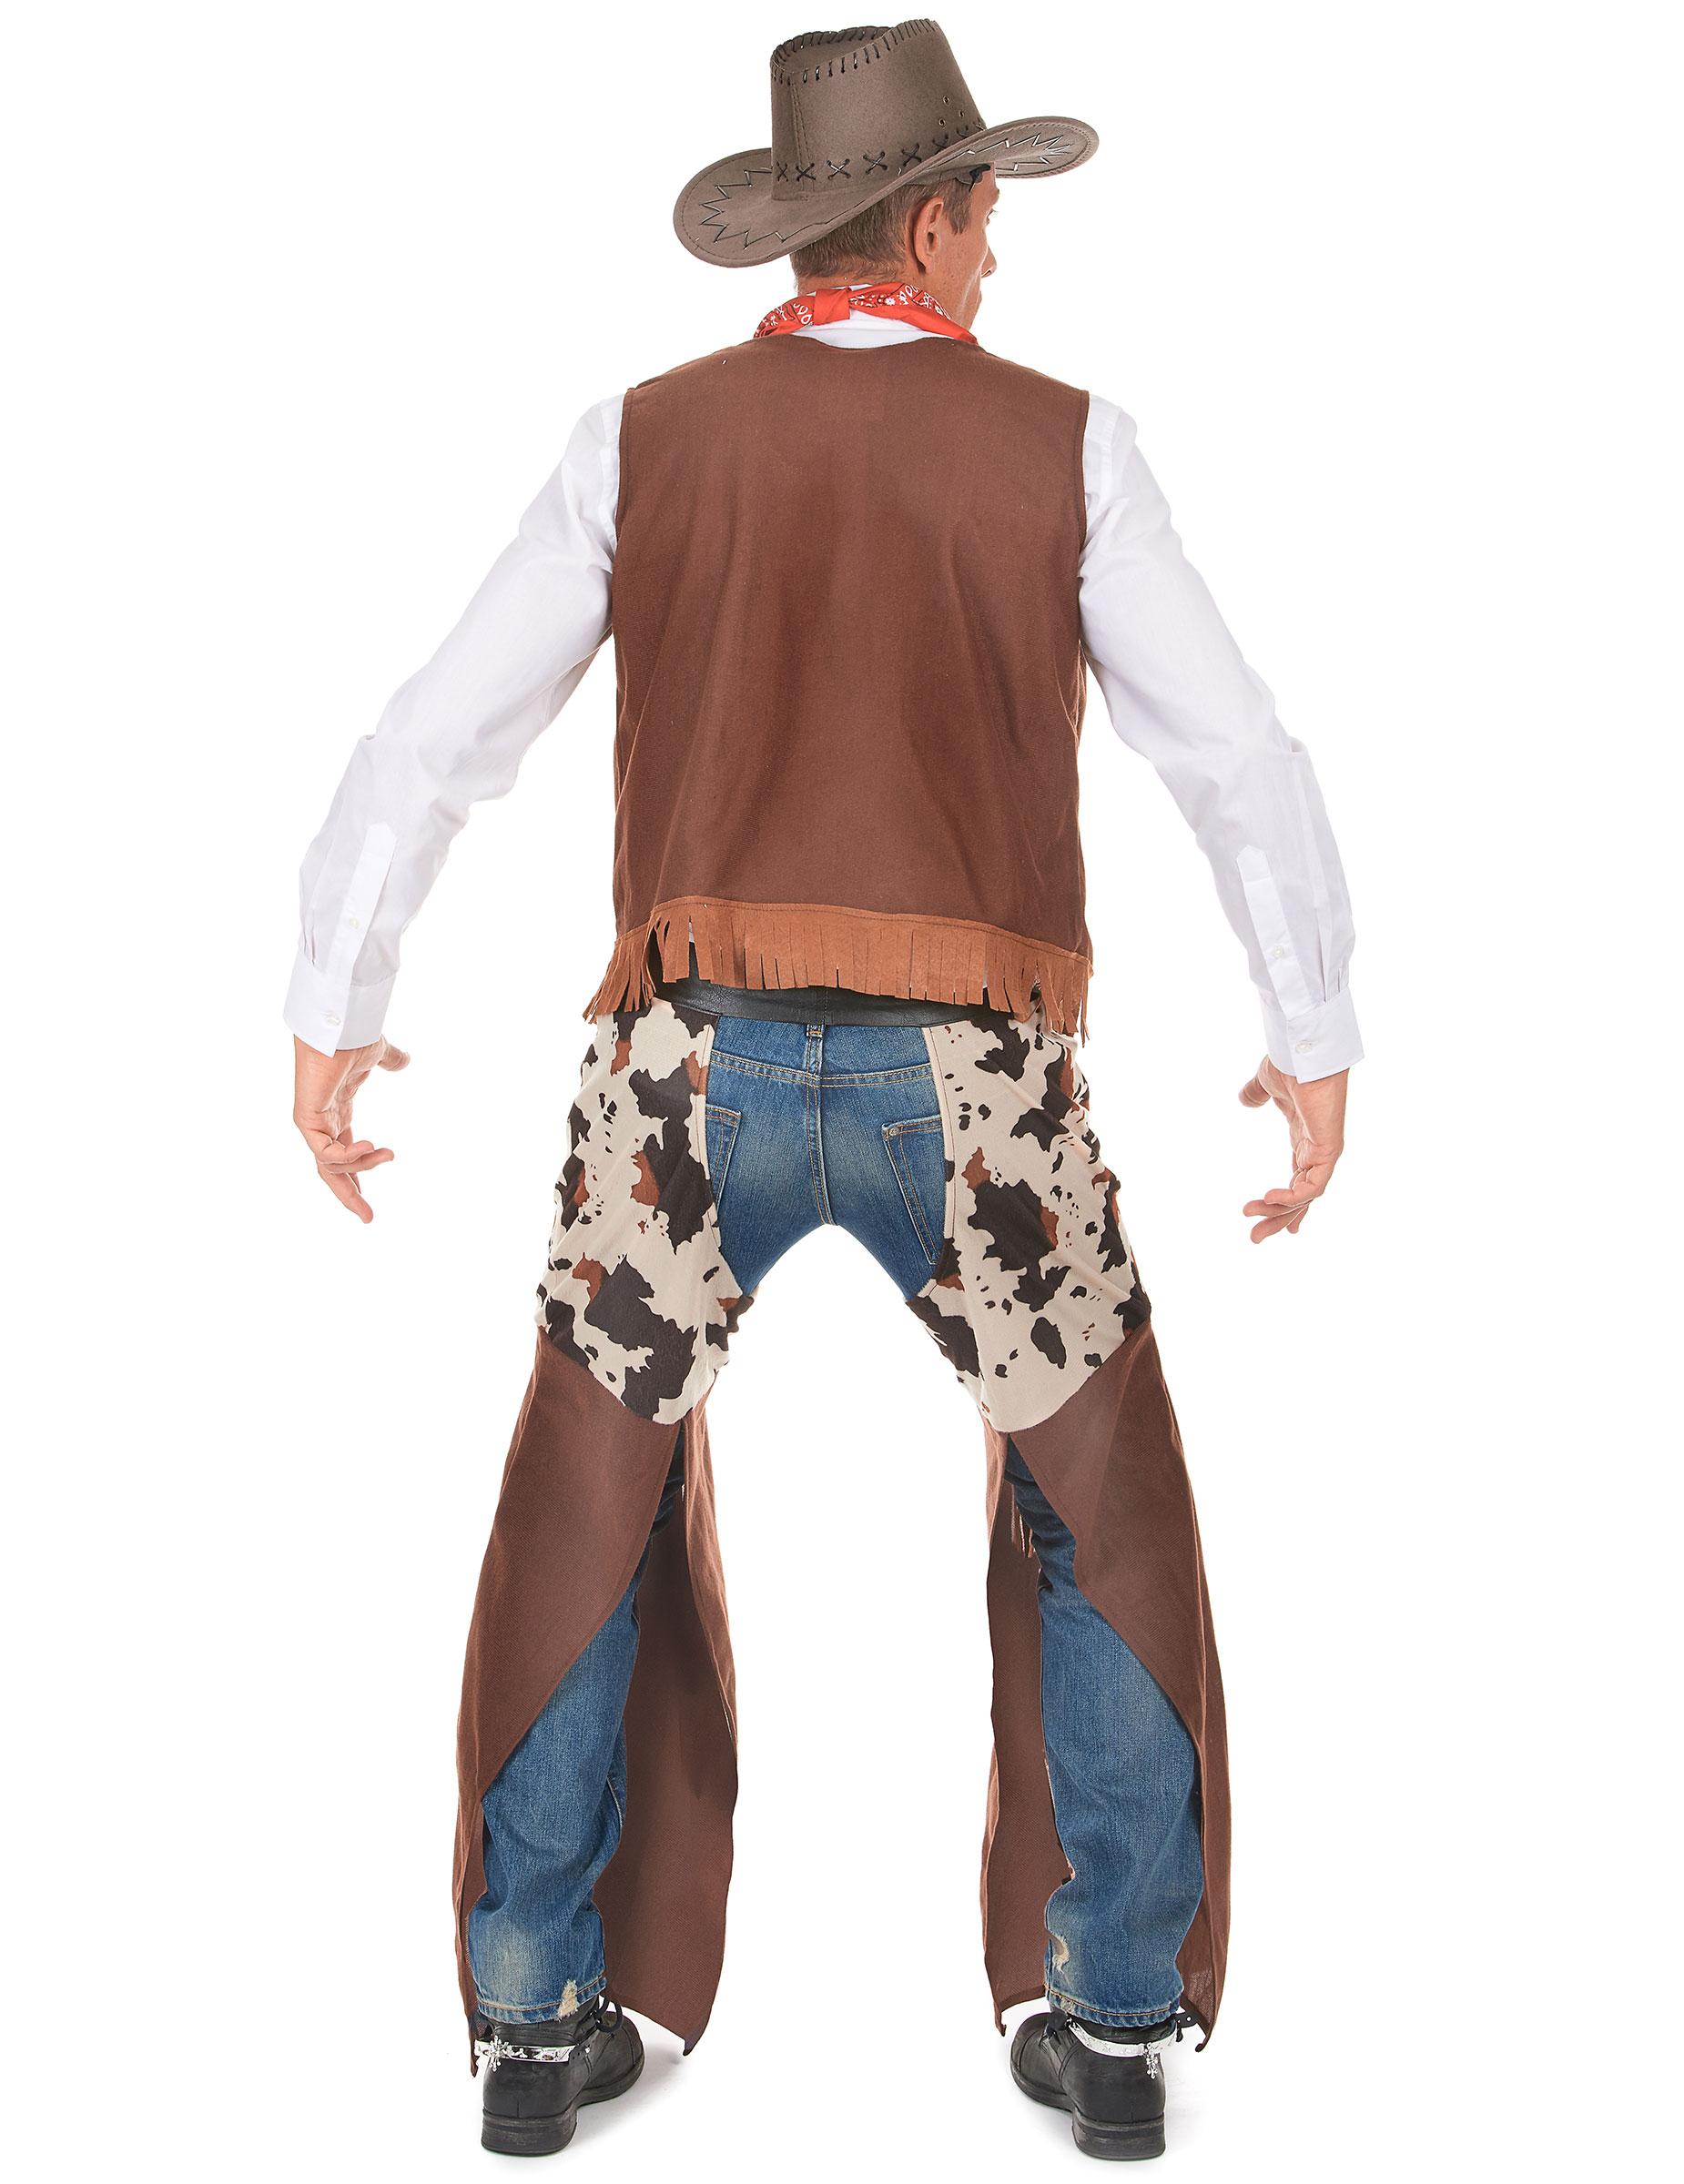 d guisement cowboy homme achat de d guisements adultes sur vegaoopro grossiste en d guisements. Black Bedroom Furniture Sets. Home Design Ideas